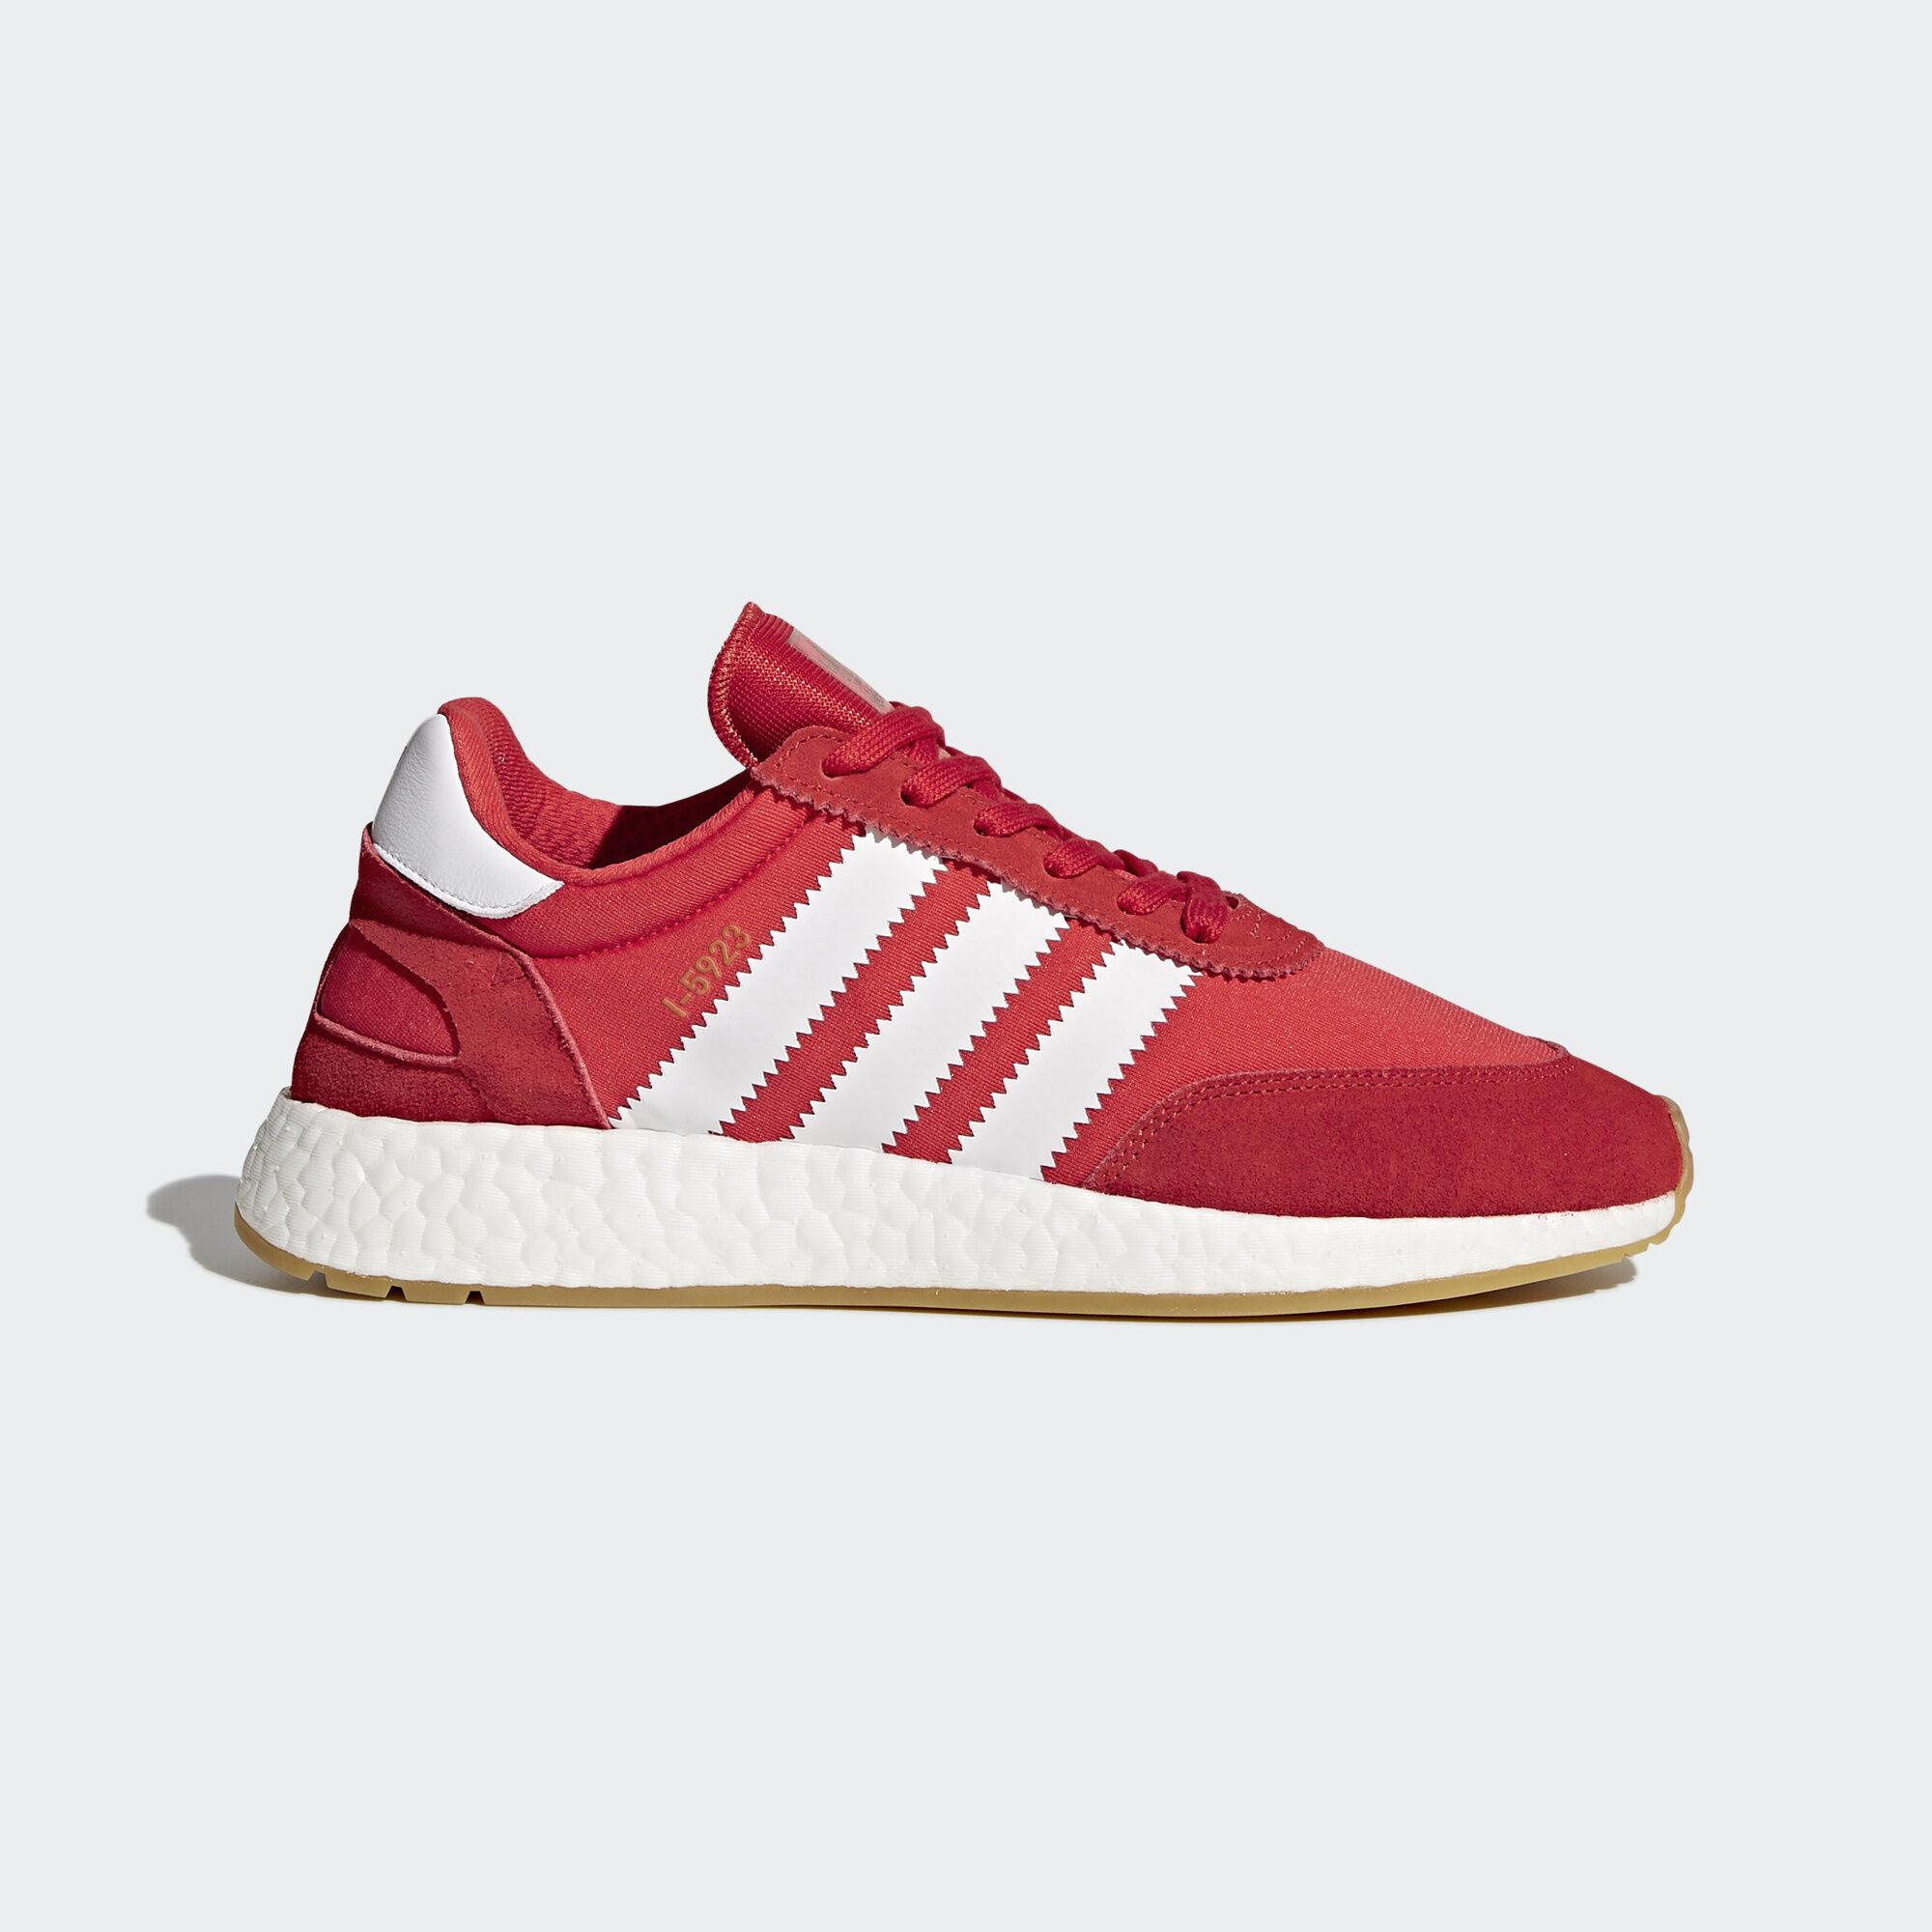 Adidas Retro Golf Shoes